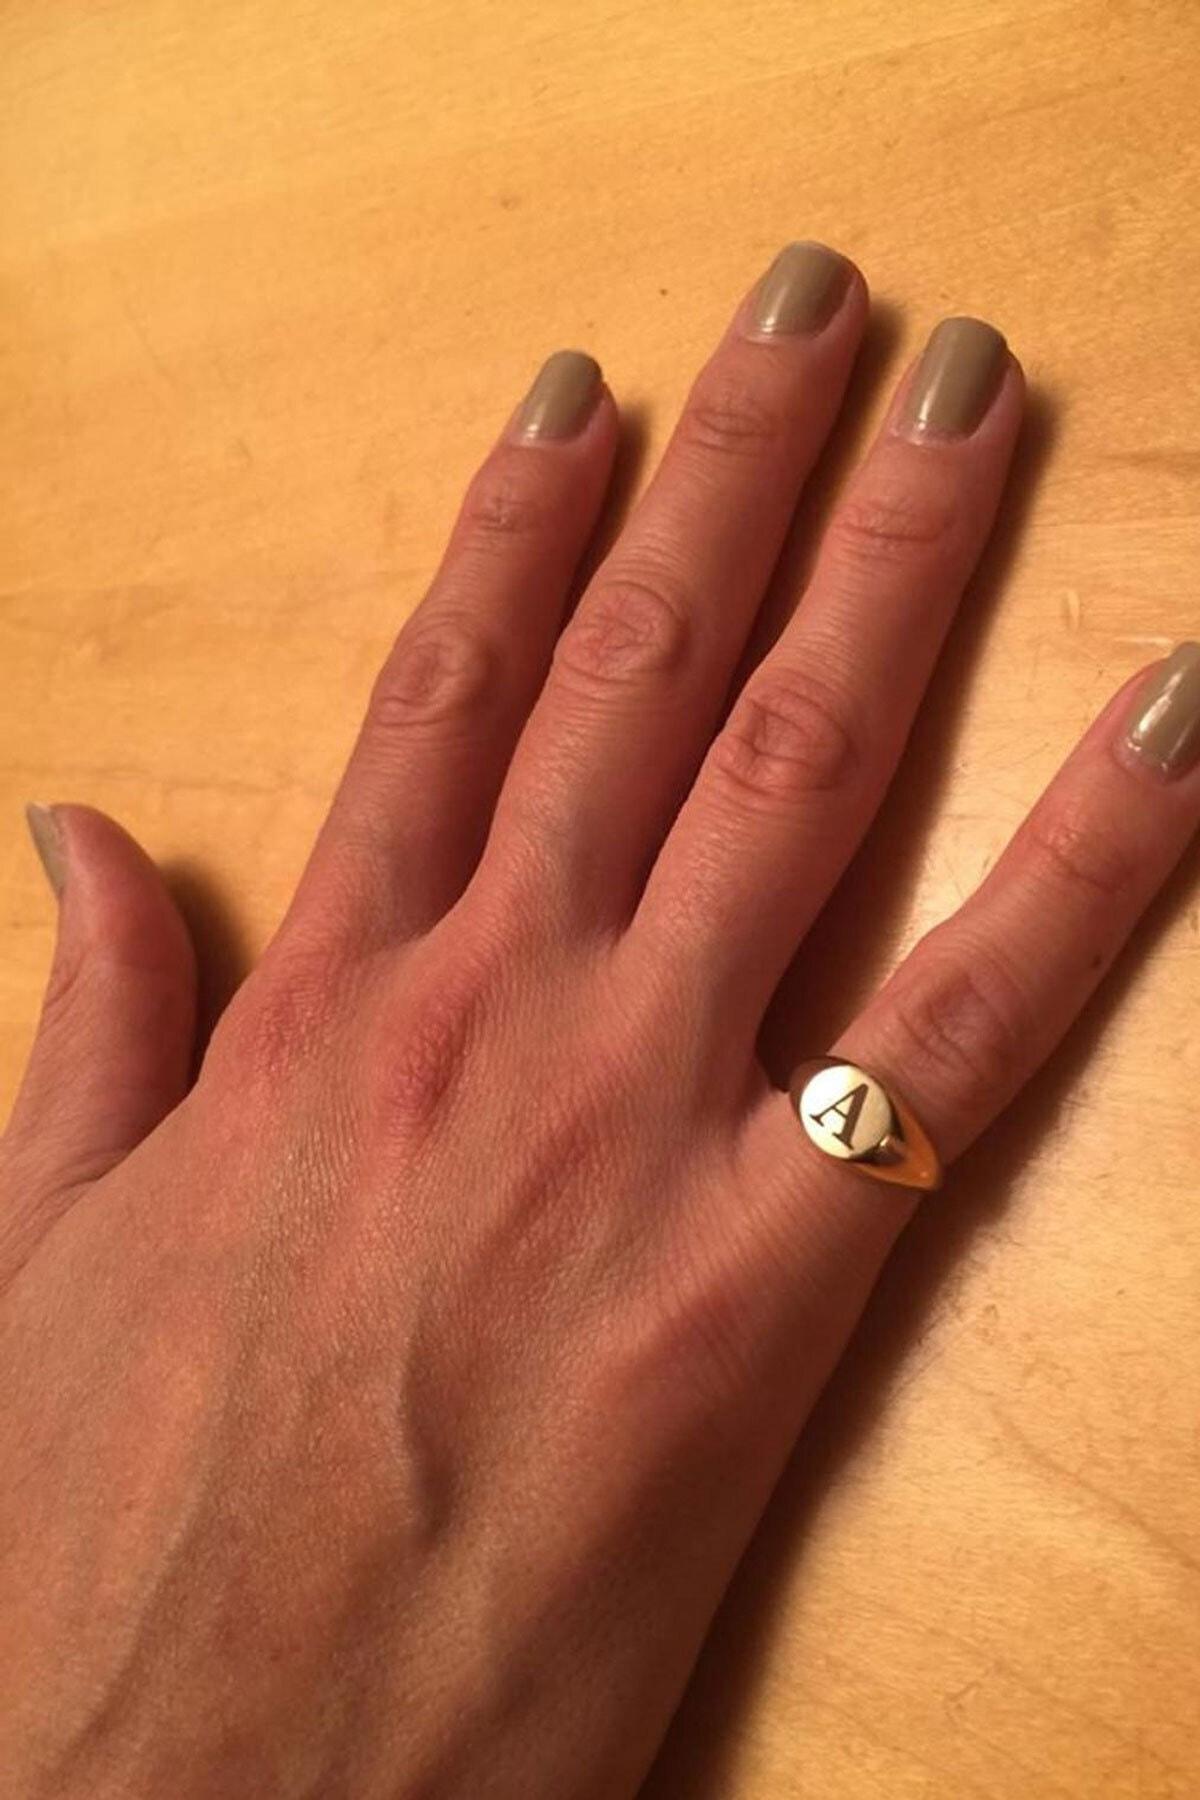 Papatya Silver 925 Ayar Rose Altın Kaplama Ayarlanabilir Gümüş Harf Yüzük 2